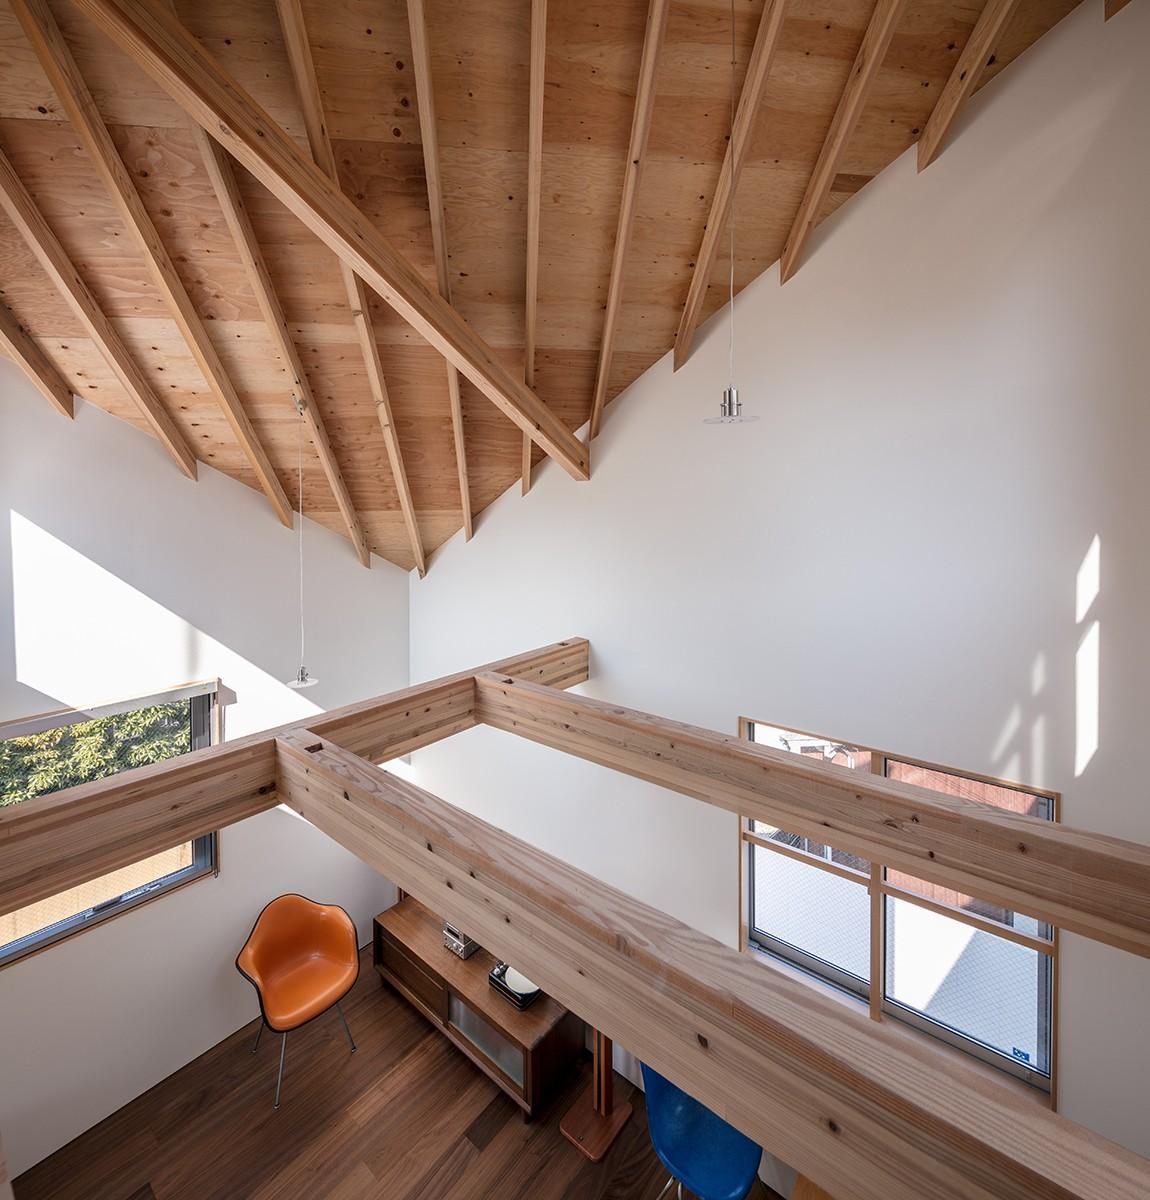 リビングダイニング事例:傾斜天井のリビング(福岡市今川の家/ルーフバルコニーのある狭小住宅)